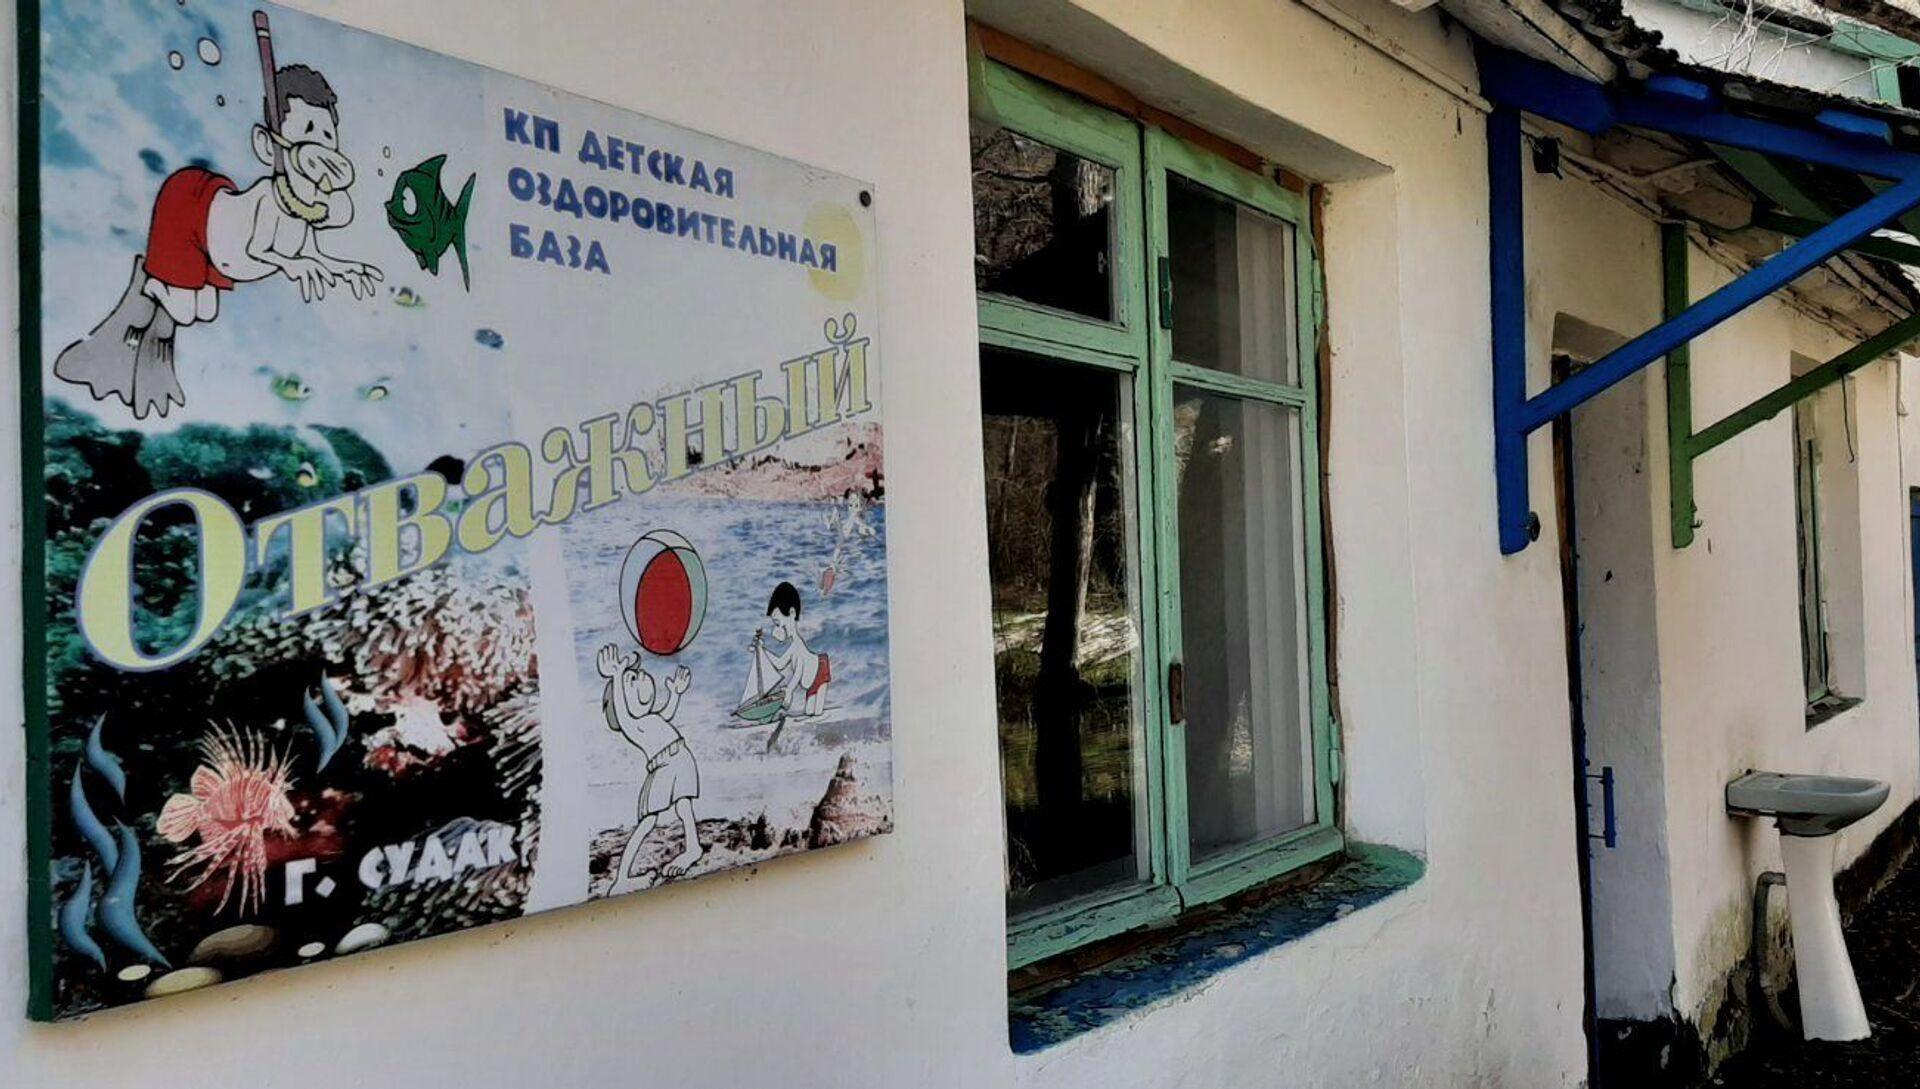 Вывеска лагеря Отважный в Судаке - РИА Новости, 1920, 23.03.2021